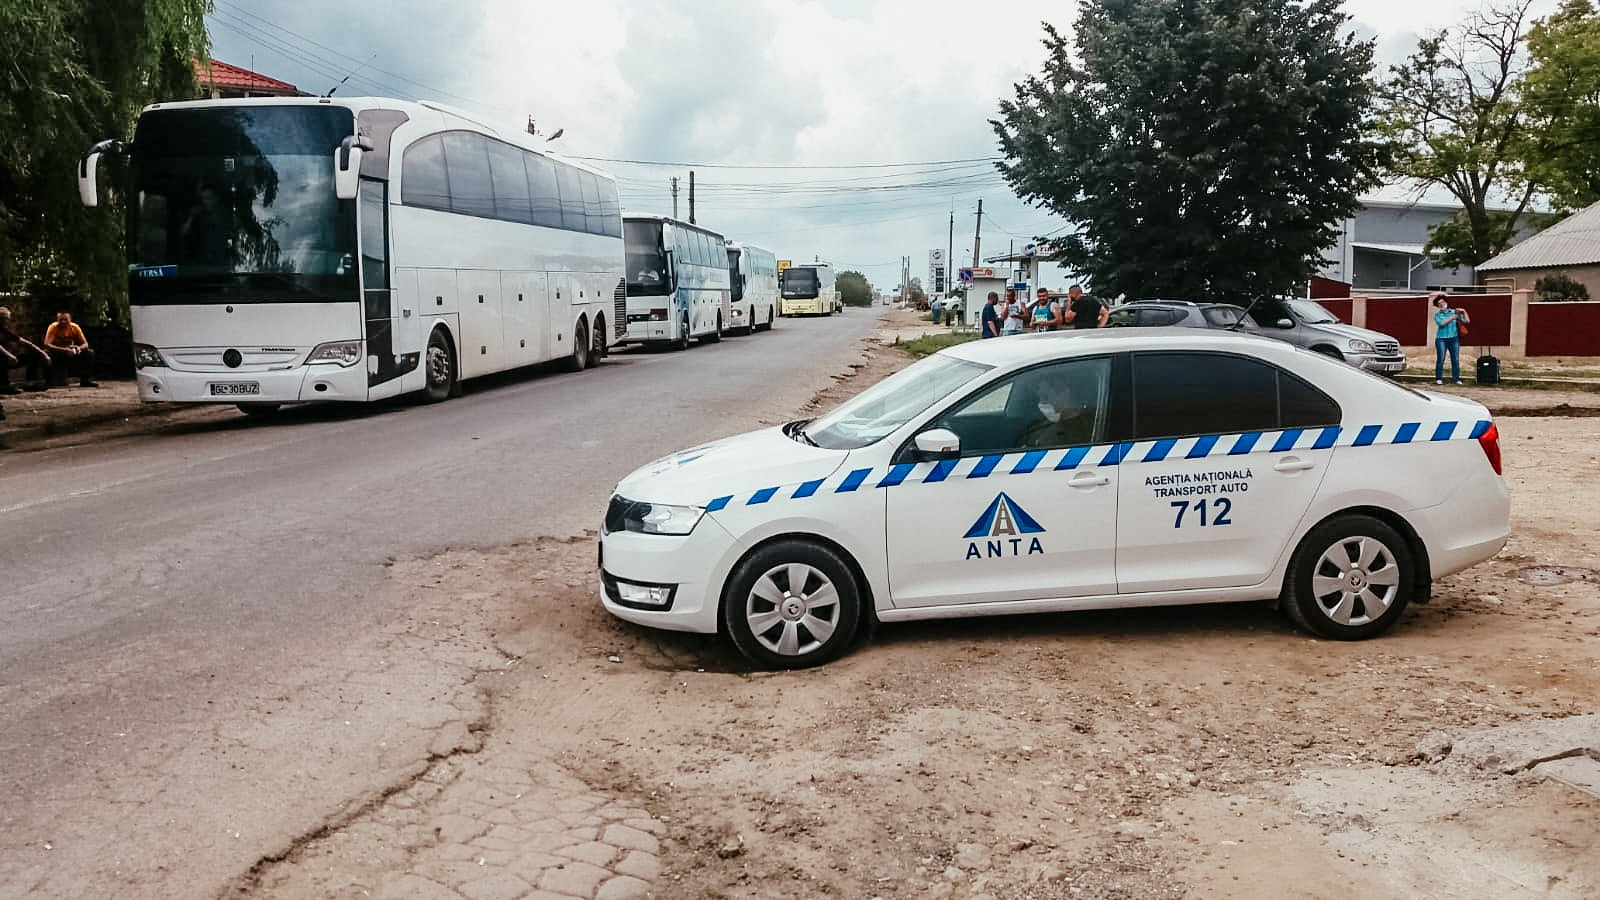 ANTA будет следить за соблюдением правил, касающихся перевозки пассажиров, и во втором туре выборов